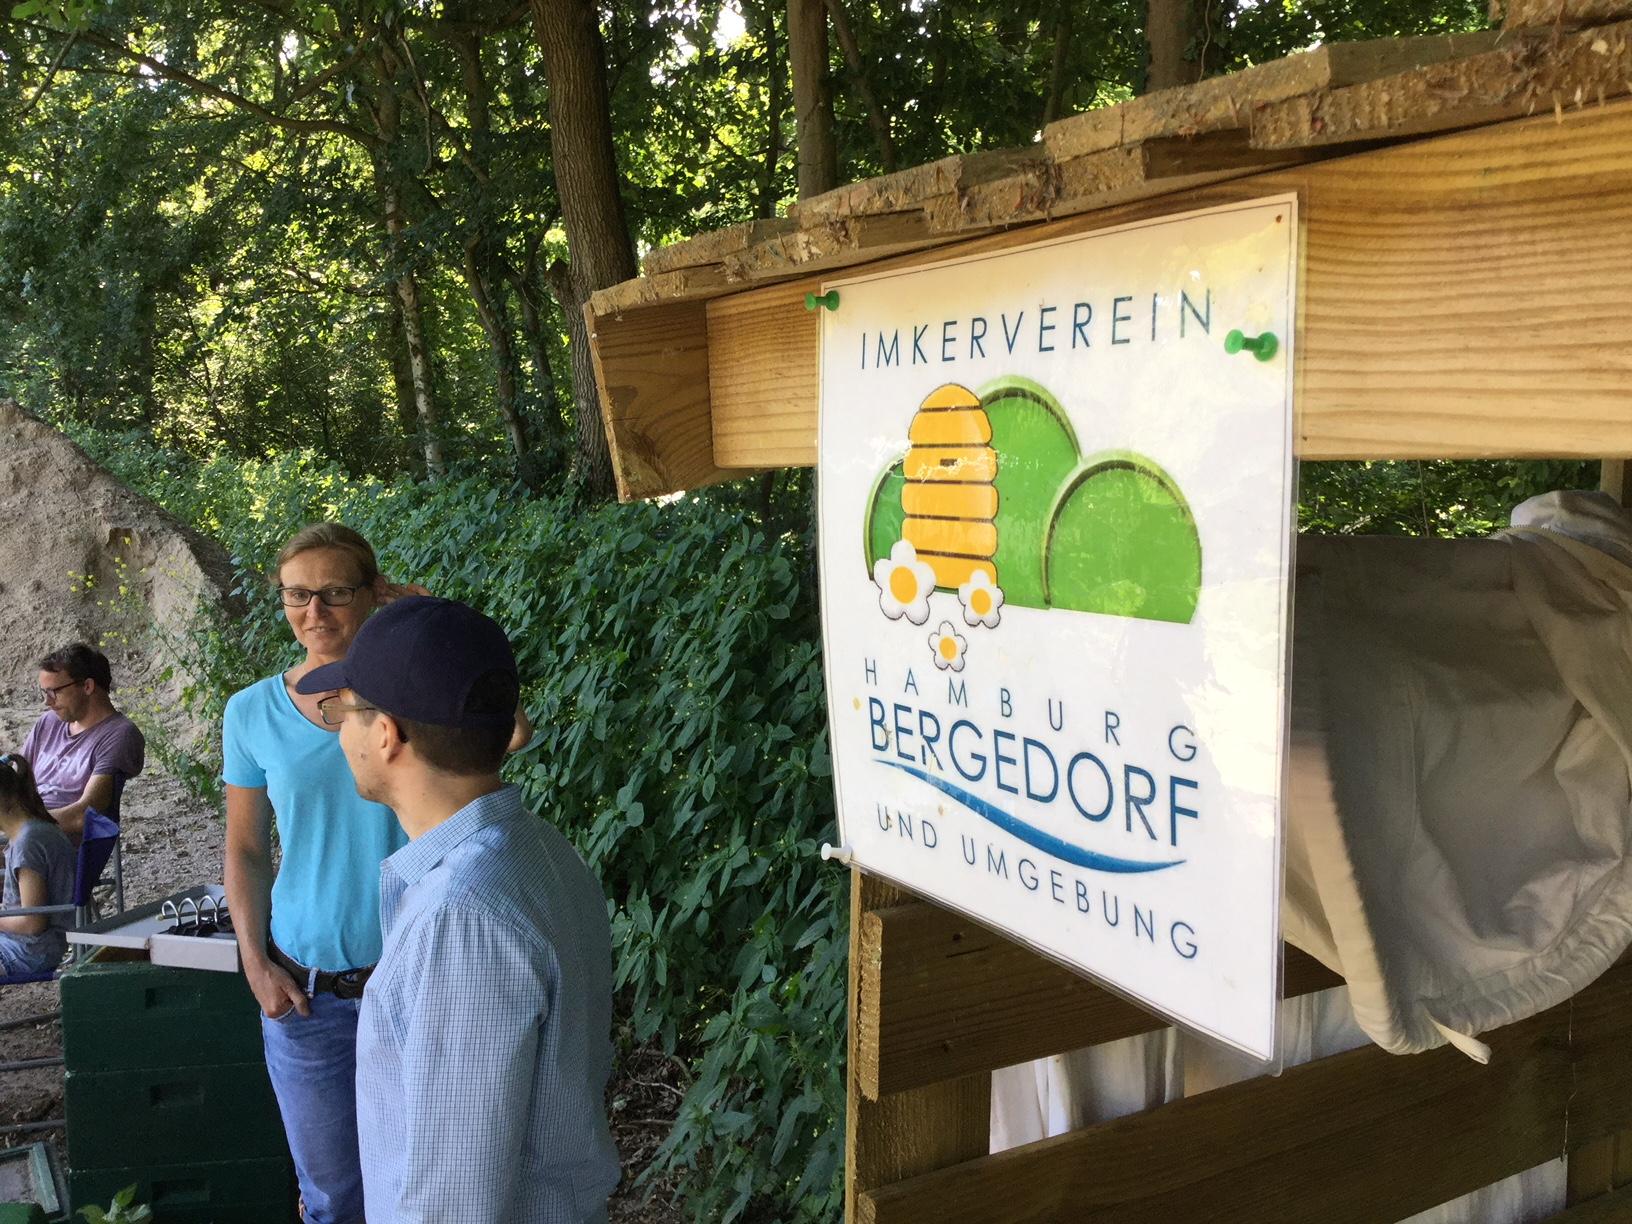 Eine Initiative des Imkervereins-Bergedorf.